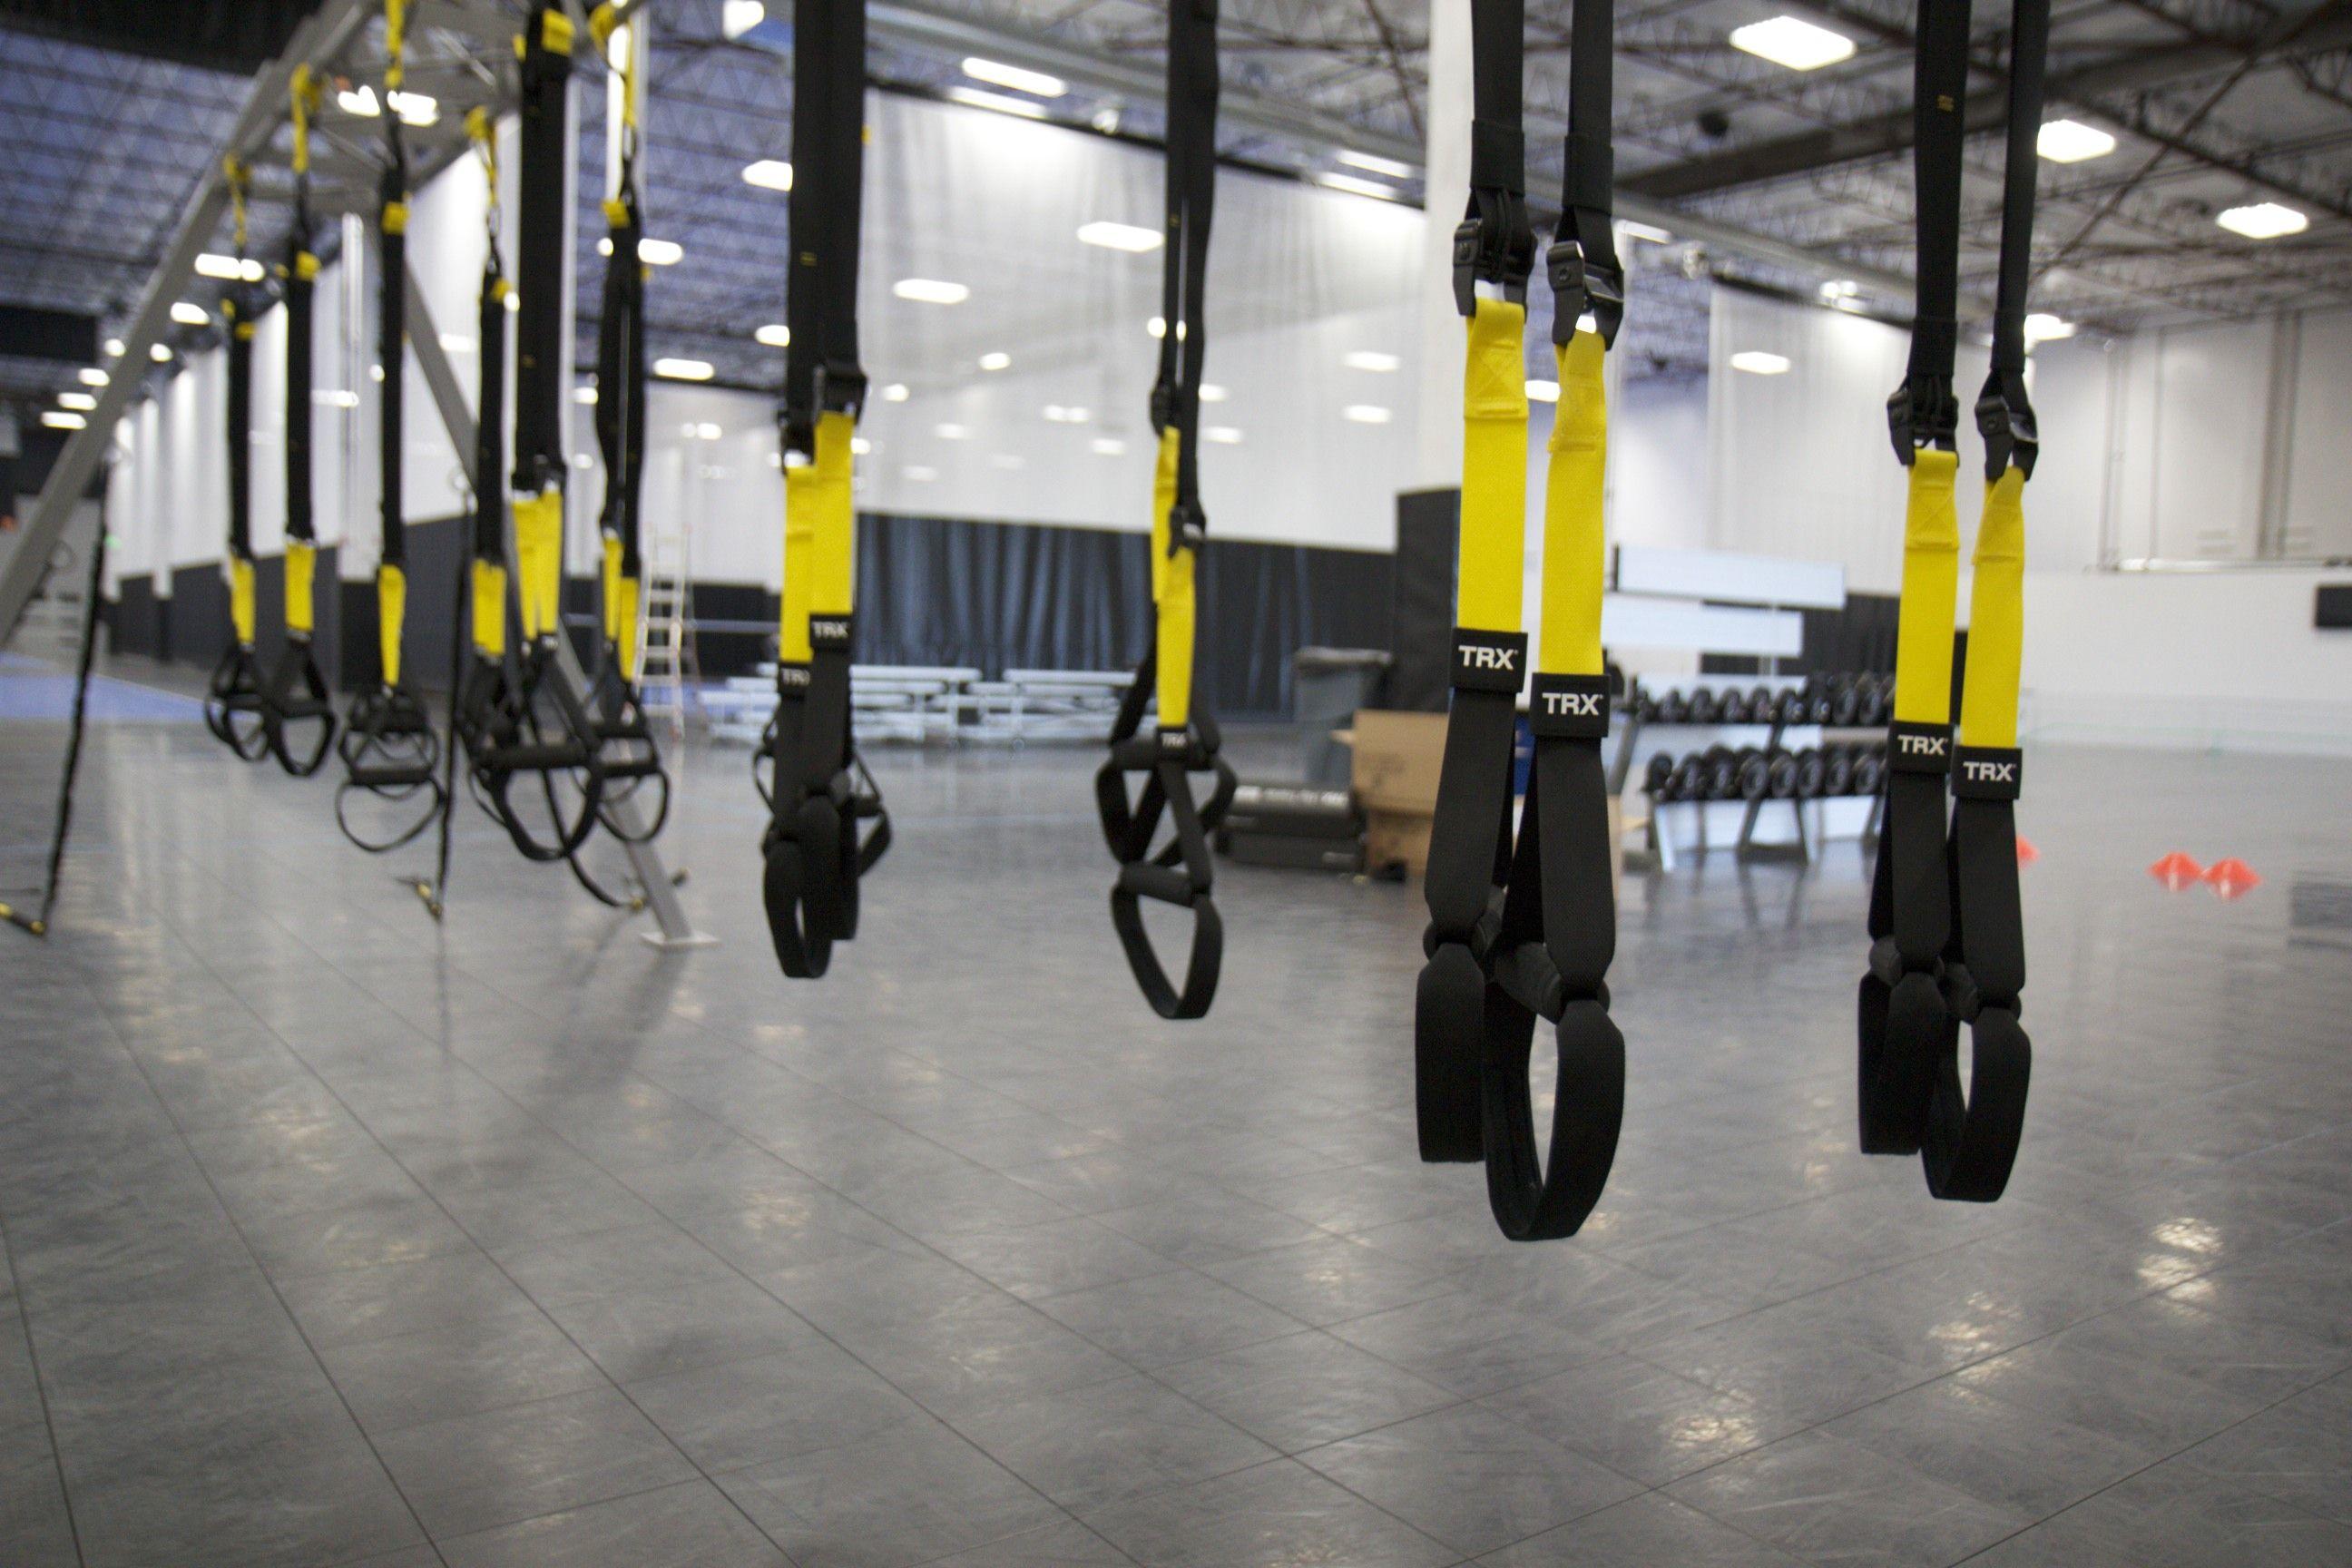 Trx Training Trx Suspension Training Trx Suspension Training Trx Training Suspension Training